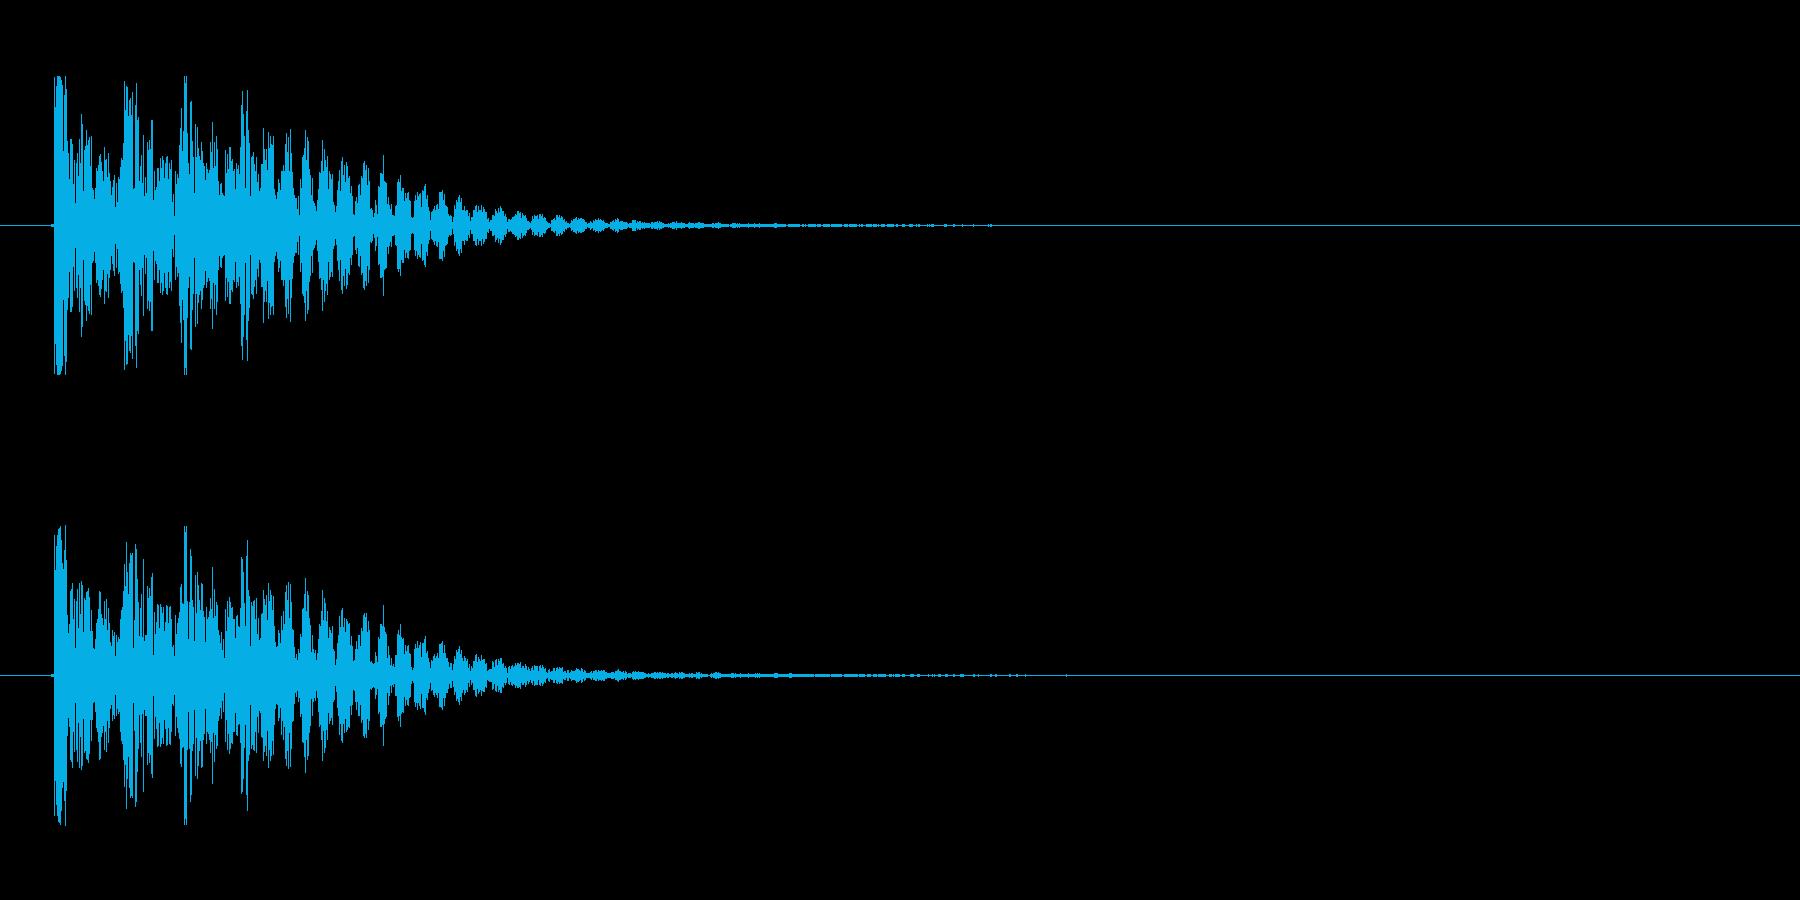 【衝撃03-4】の再生済みの波形